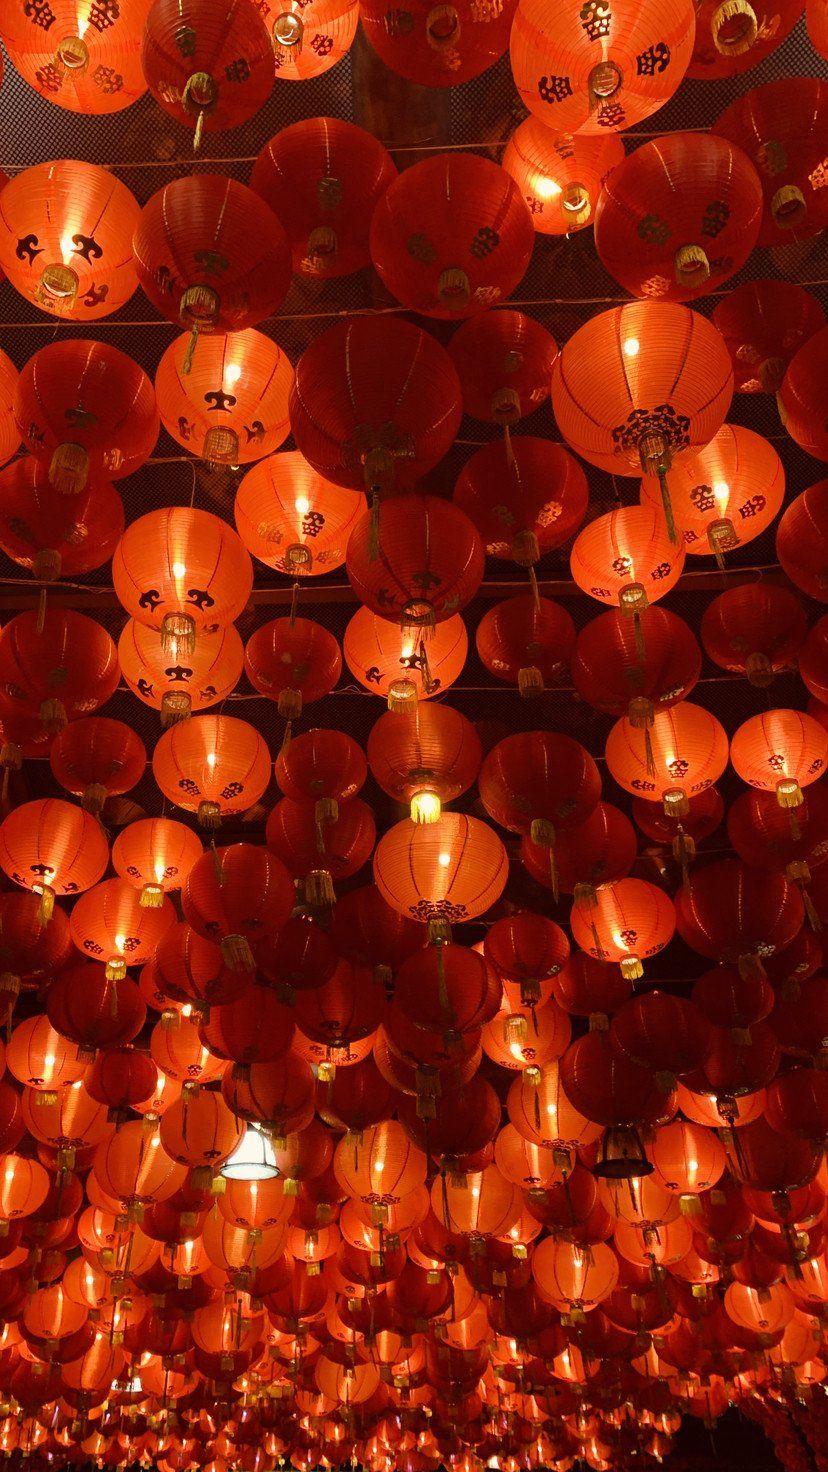 Lunar New Year Lanterns 9x16 Taken On Iphone Xr Mobilewallpaper 9x16 Iphone Lanterns Lunar Mobil In 2021 Orange Wallpaper Orange Aesthetic New Year Wallpaper New year 2021 orange hd background